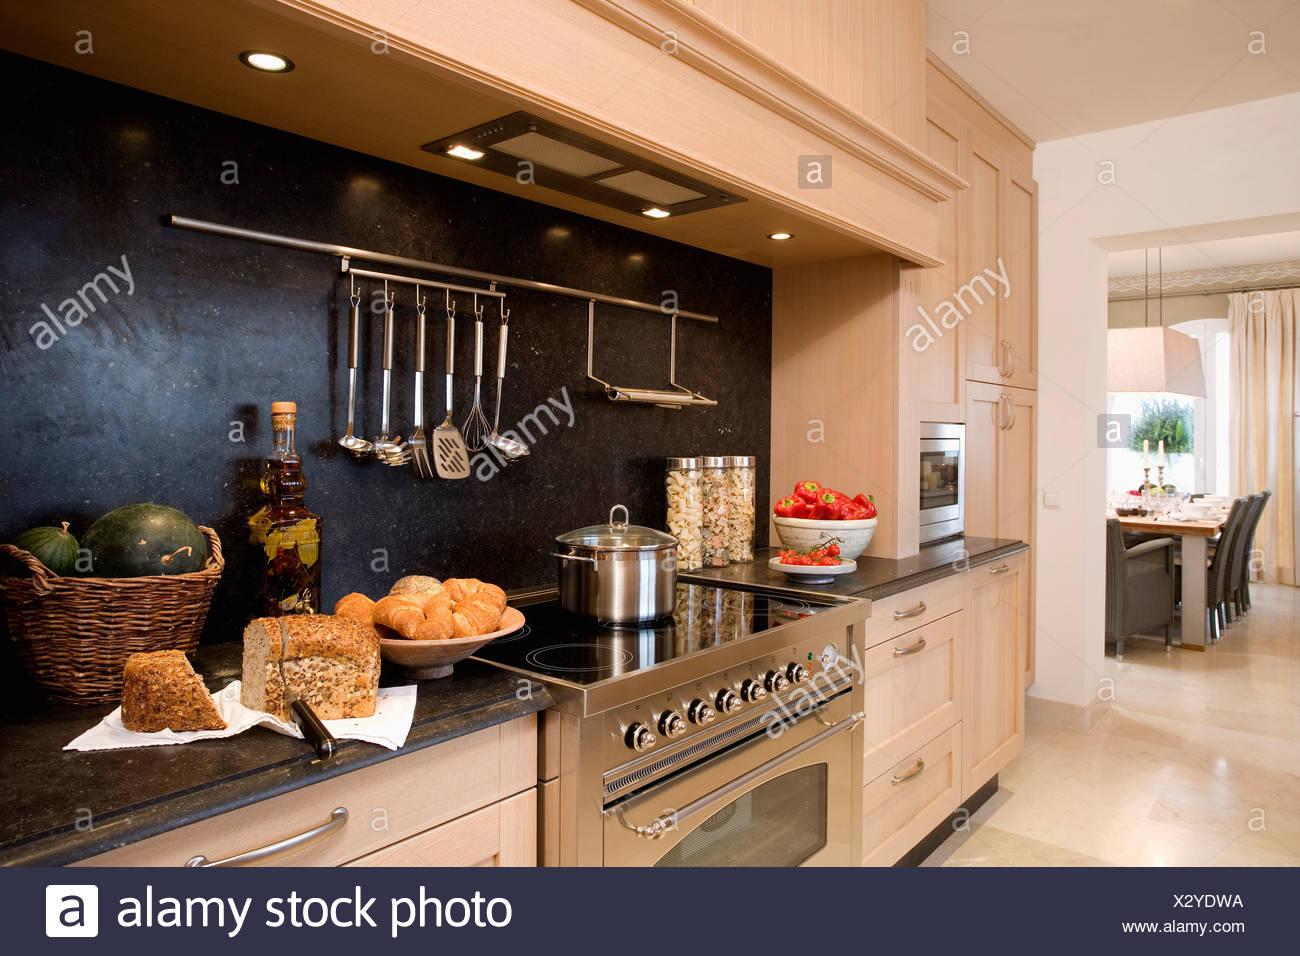 Illuminazione Piano Lavoro Cucina illuminazione incassata al di sopra della pagnotta di pane e